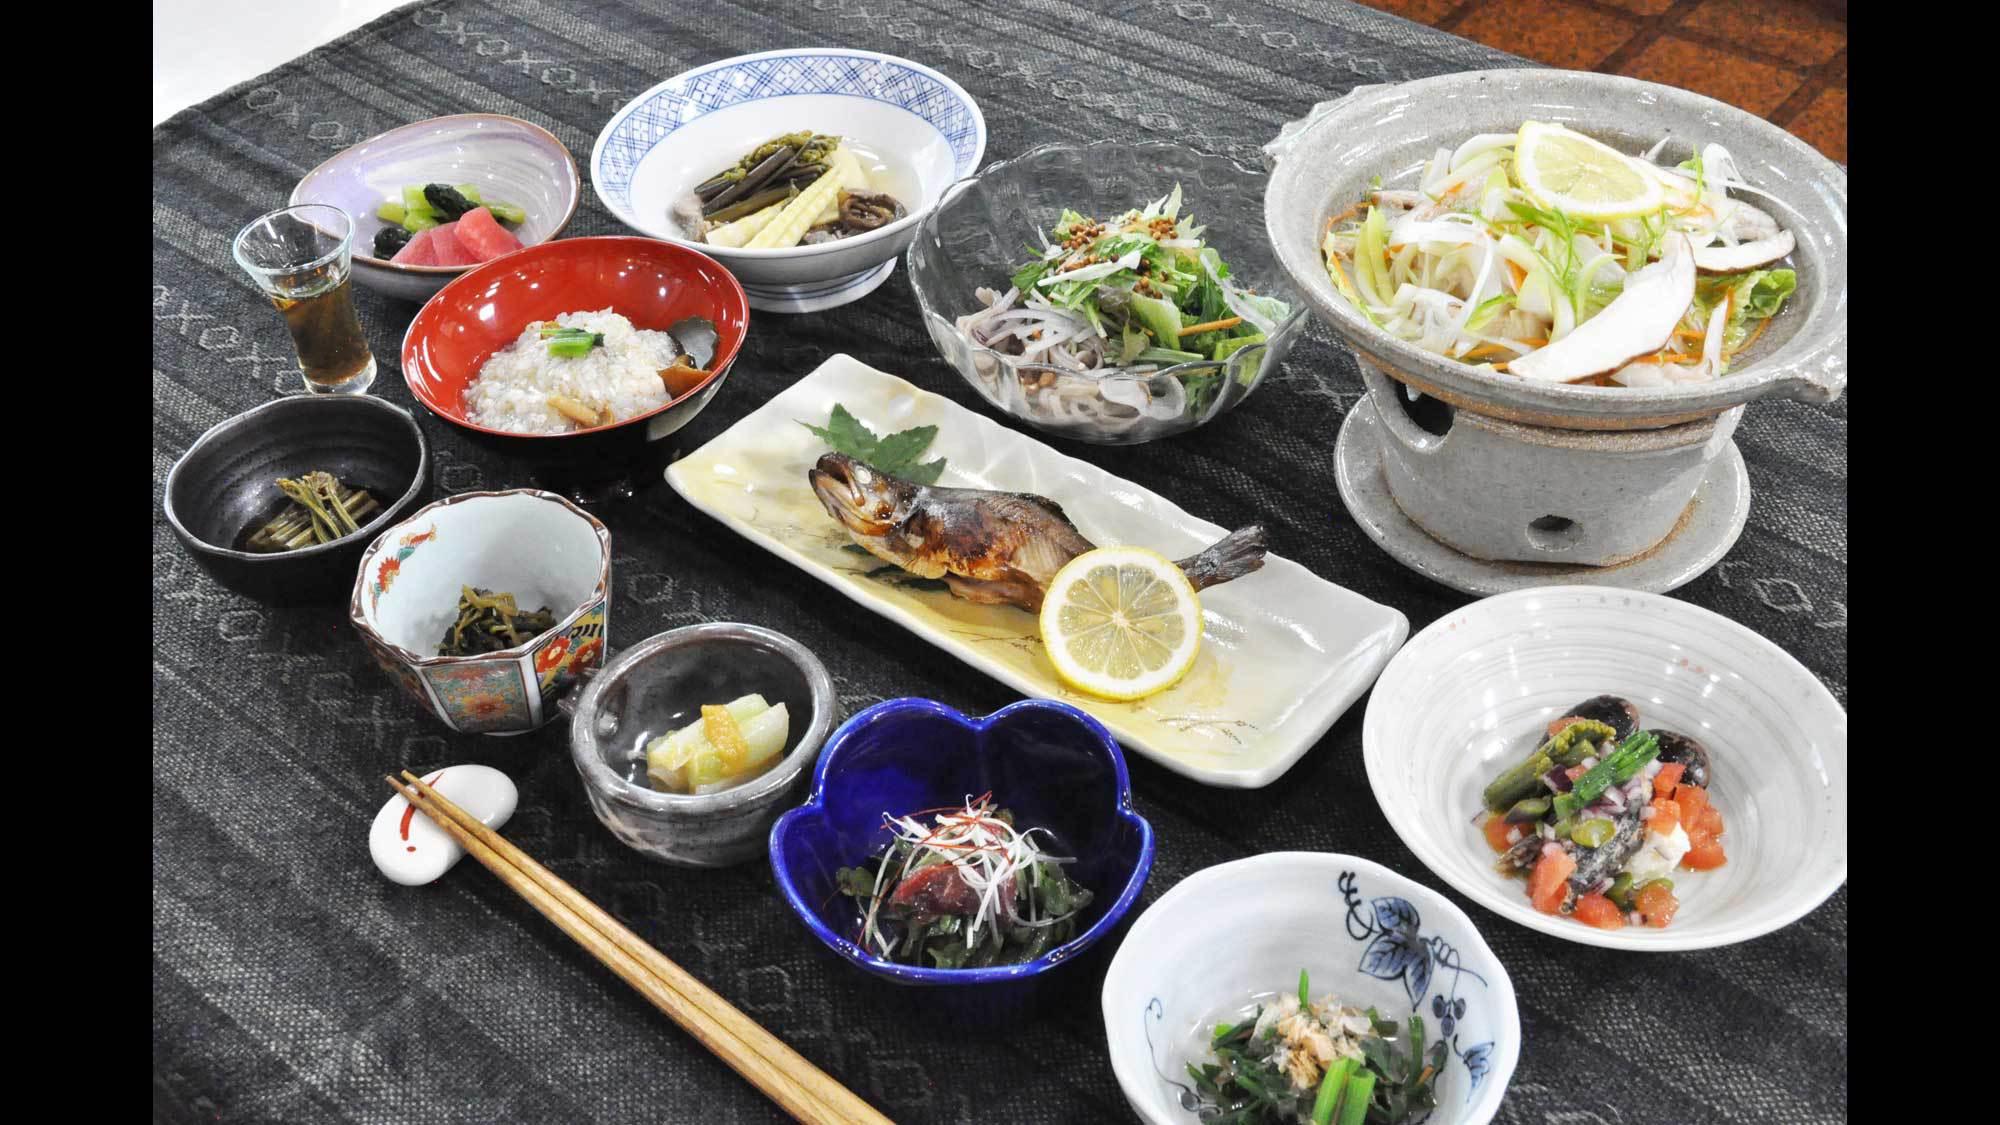 【スタンダード】地元の山菜や高原野菜をふんだんに!手作りのおいしさを満喫♪(夕朝食付)